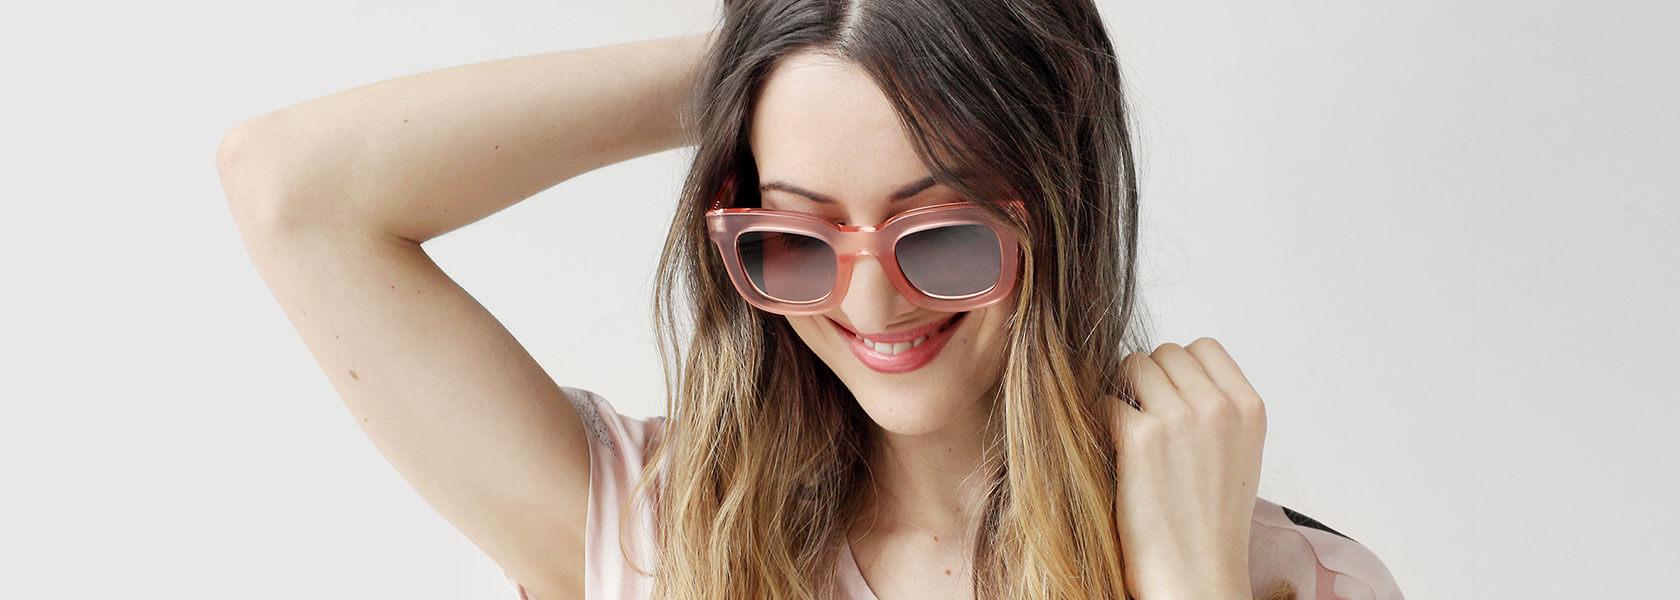 Frau mit rosa Brille und goldener Armkette